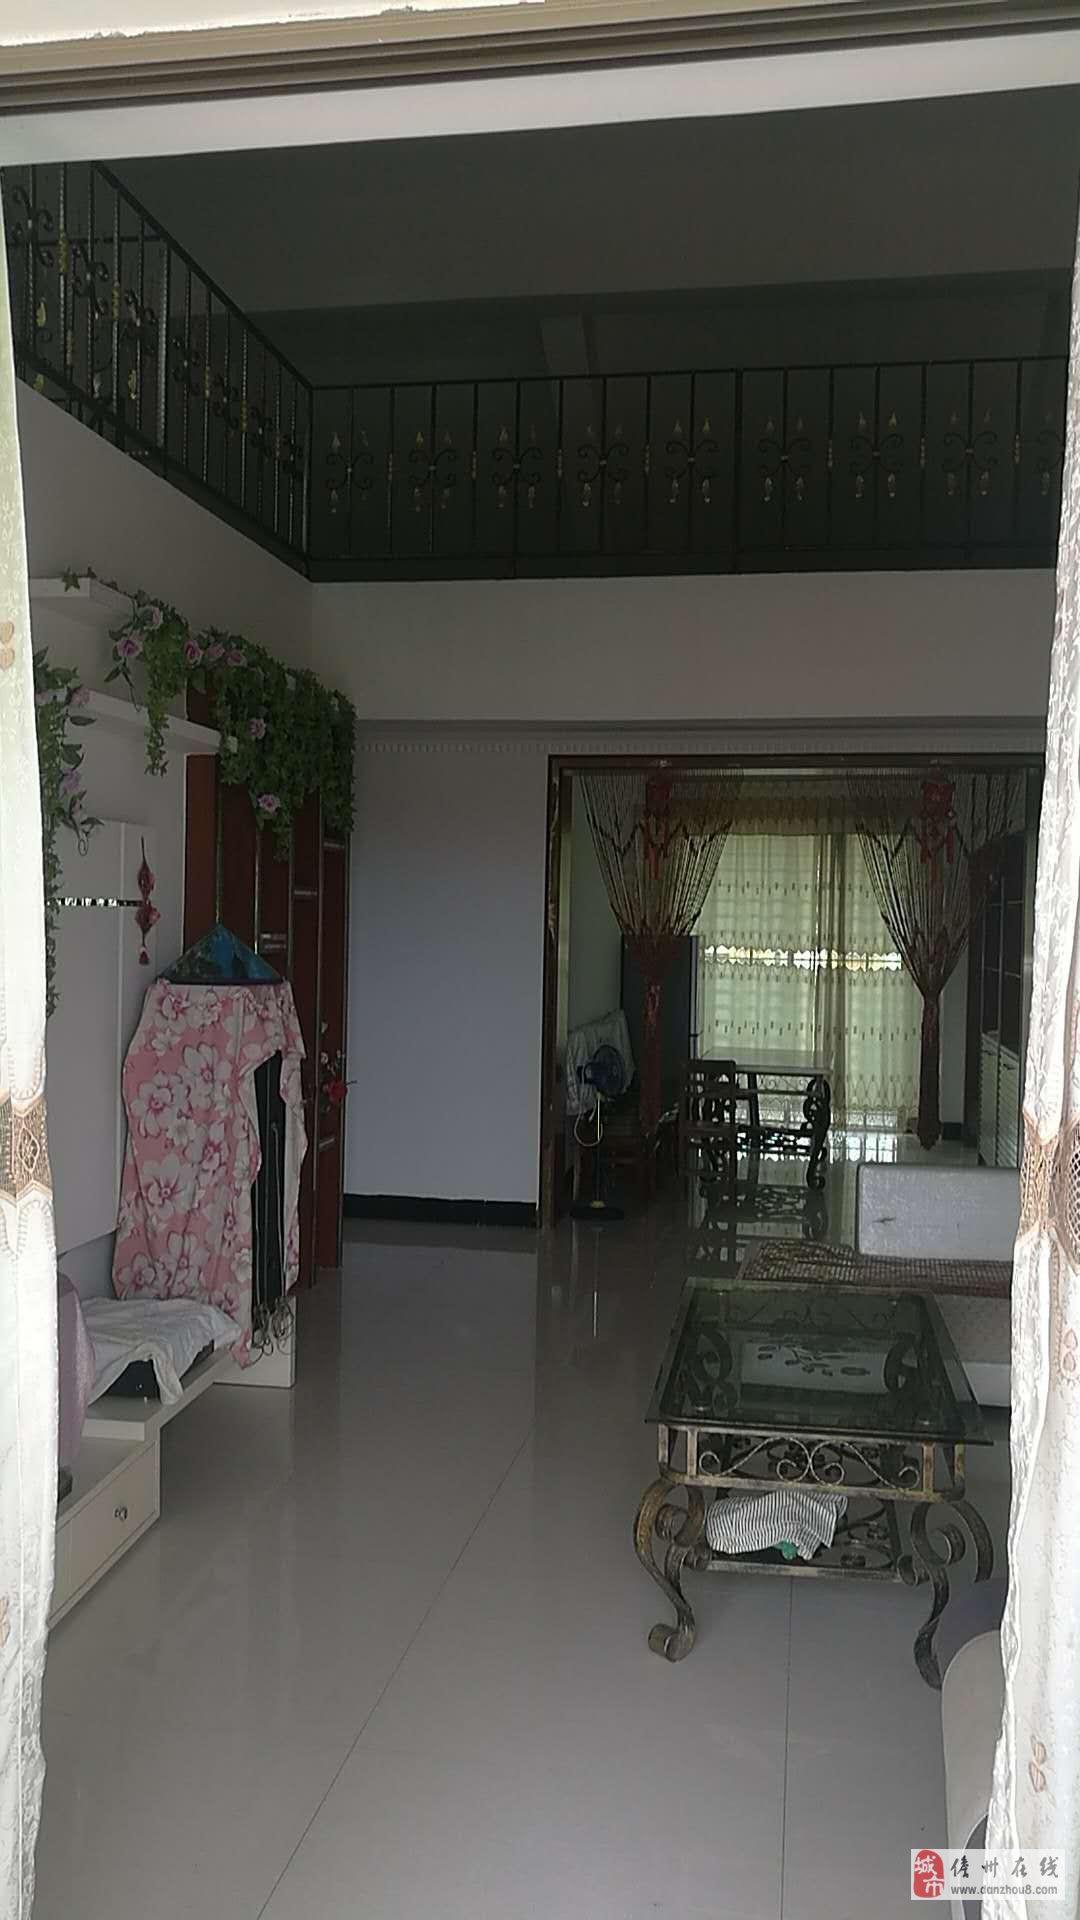 泰安苑3室2厅2卫141平米单价4500一平米